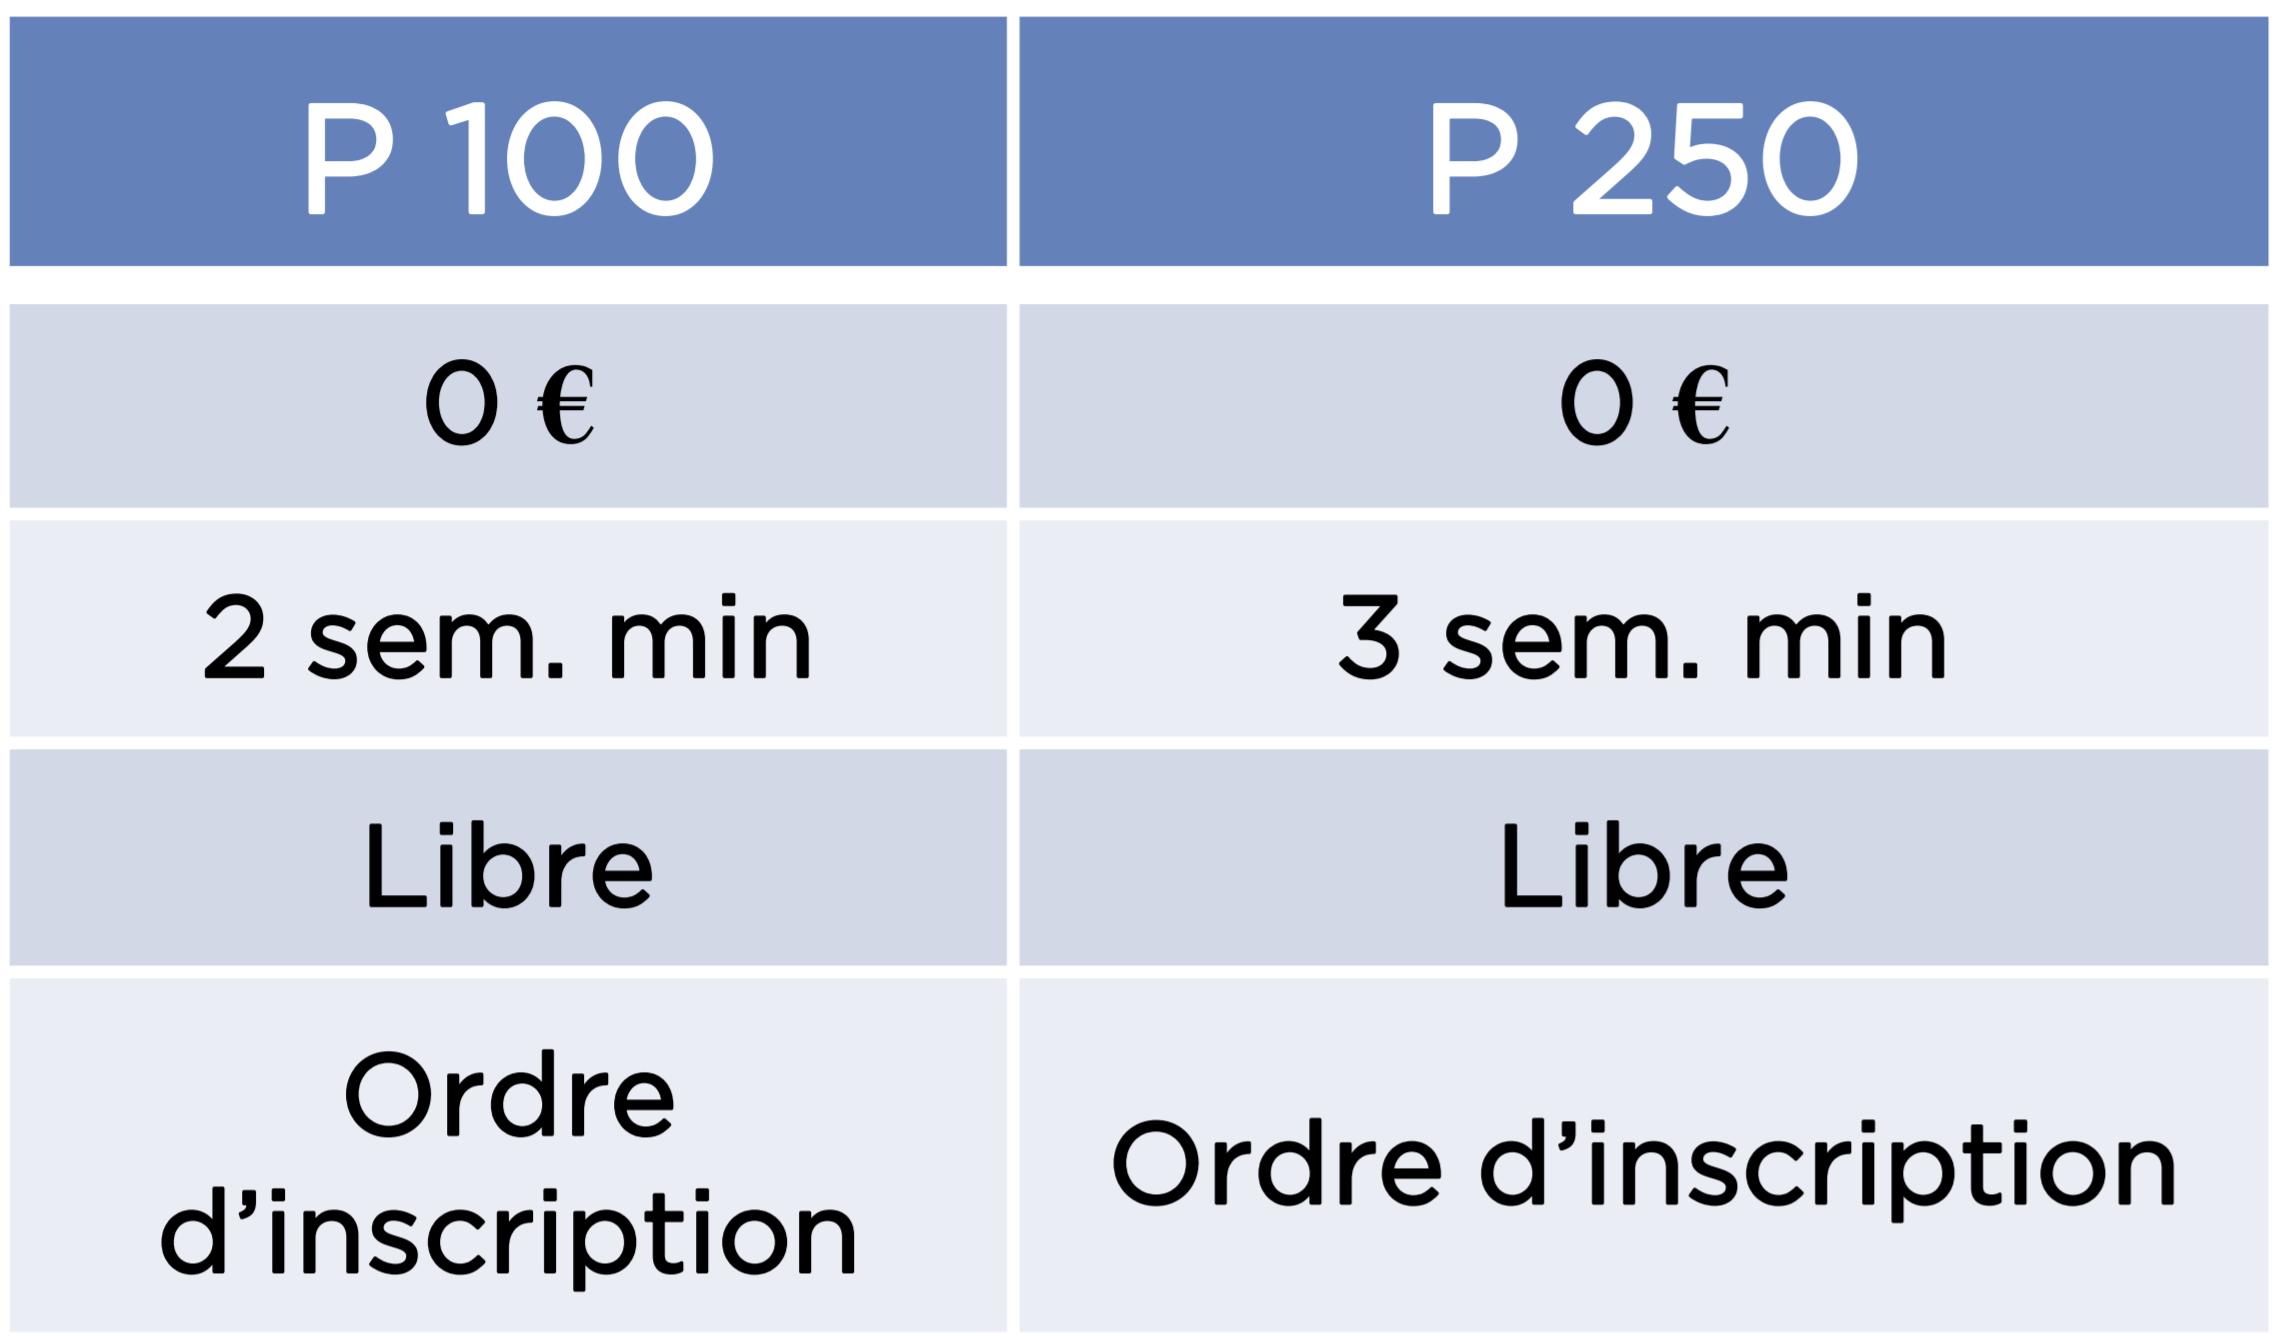 P100 et P250 : les catégories reines des tournois de padel – Vrai ou faux ?